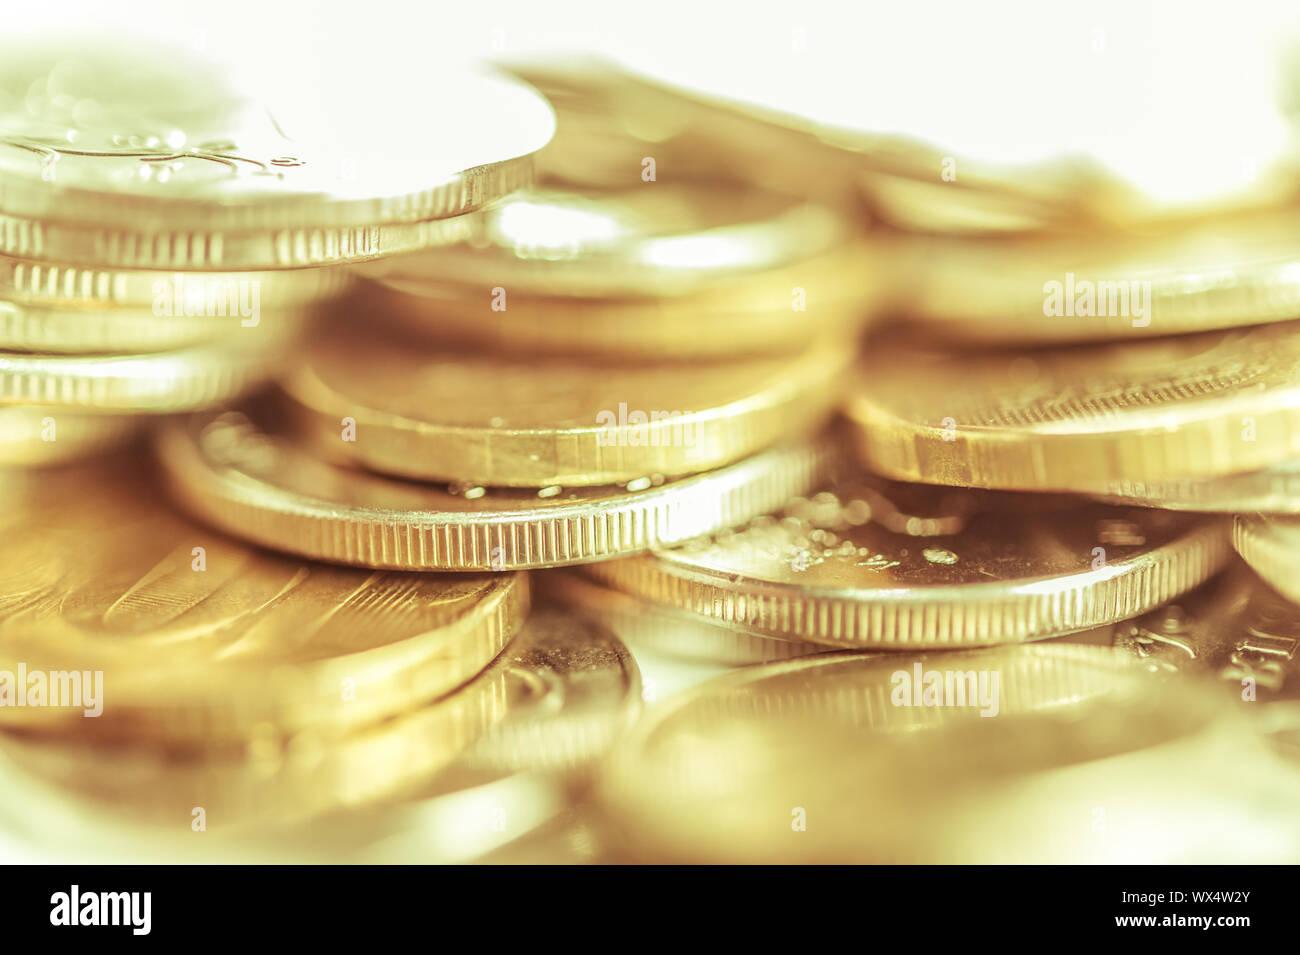 Pila de monedas de oro macro. Filas de monedas para el concepto de banca y finanzas. Antecedentes las tendencias de la economía para la idea de negocio. Foto de stock